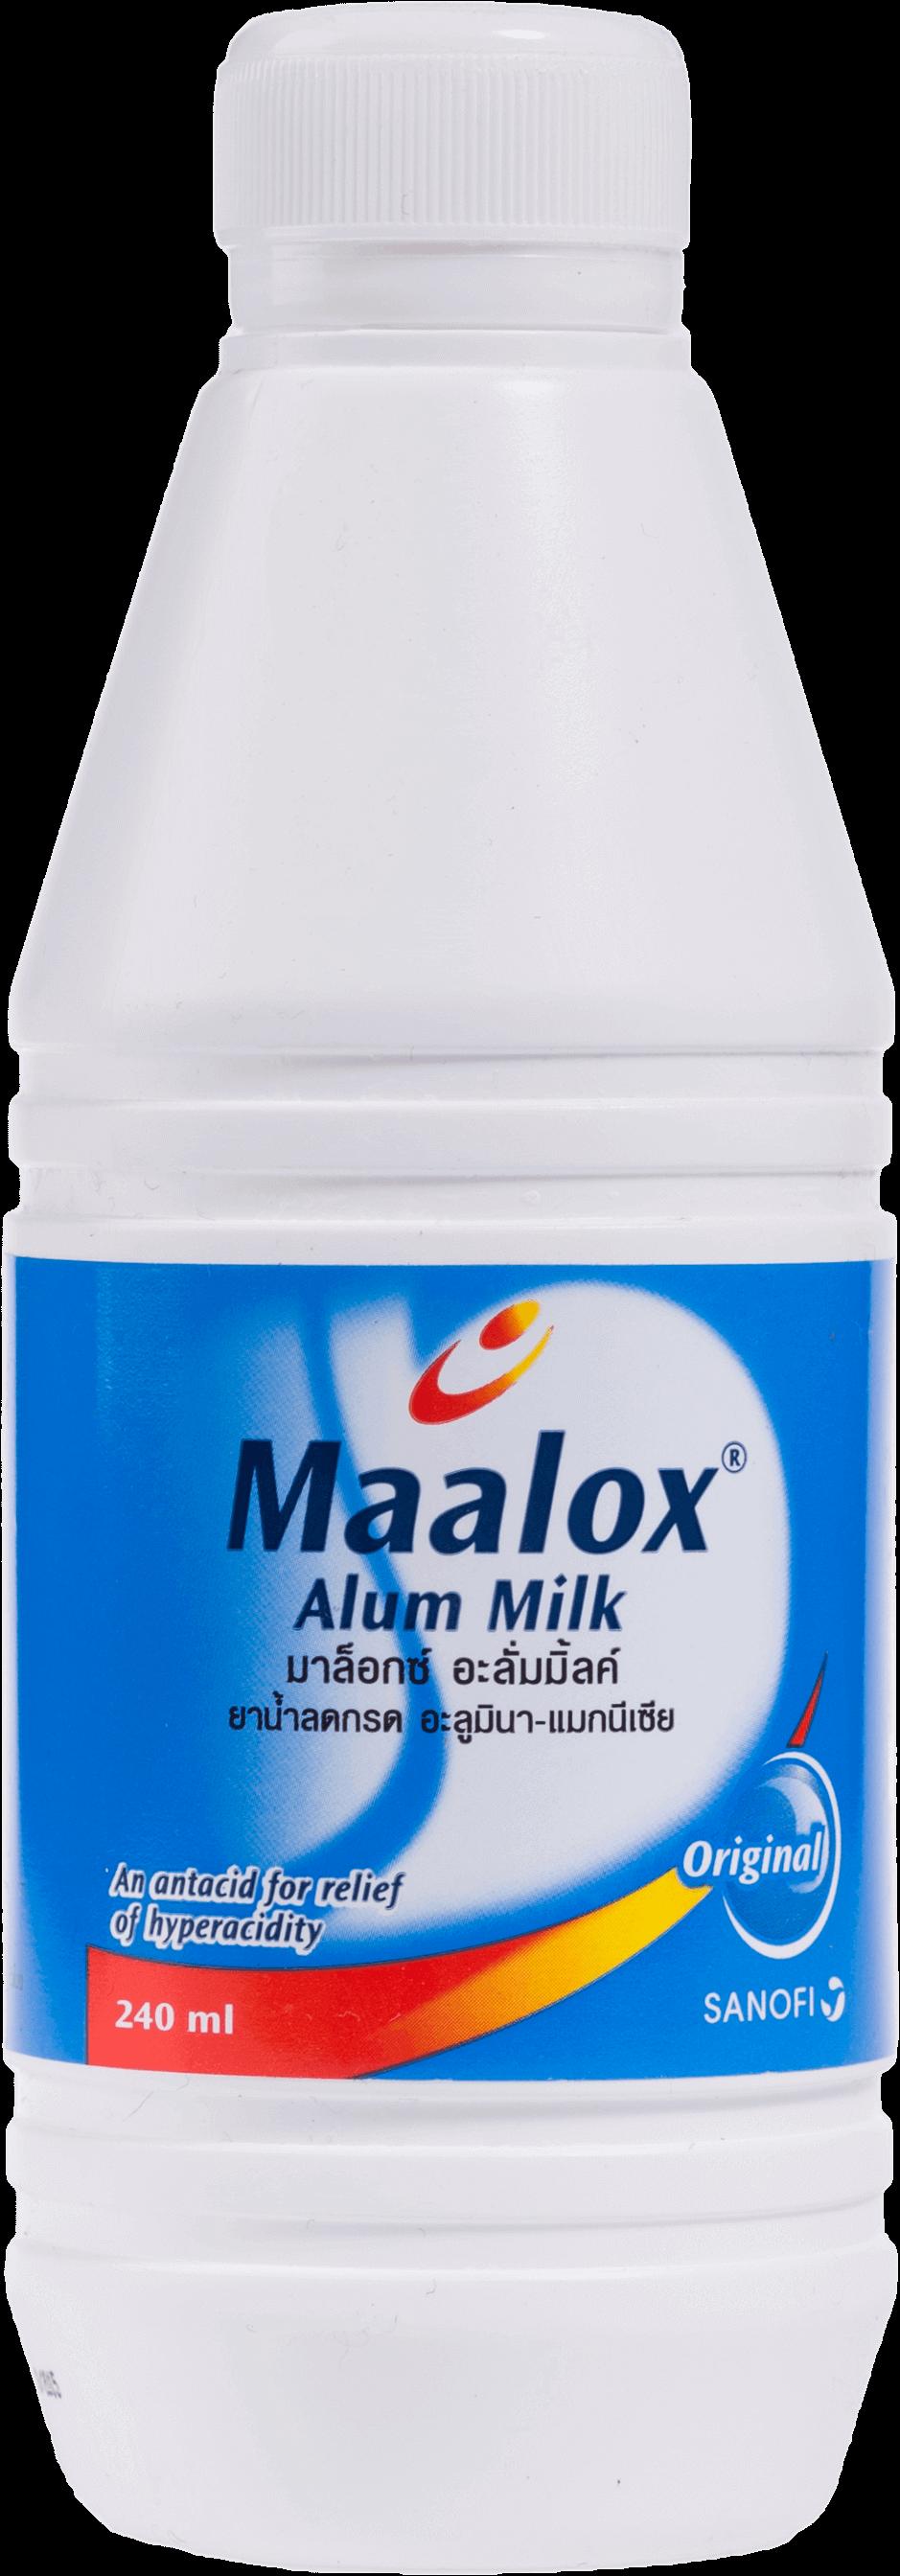 ยาลดกรดในกระเพาะอาหาร Maalox Alum Milk ขนาด 240 มล.